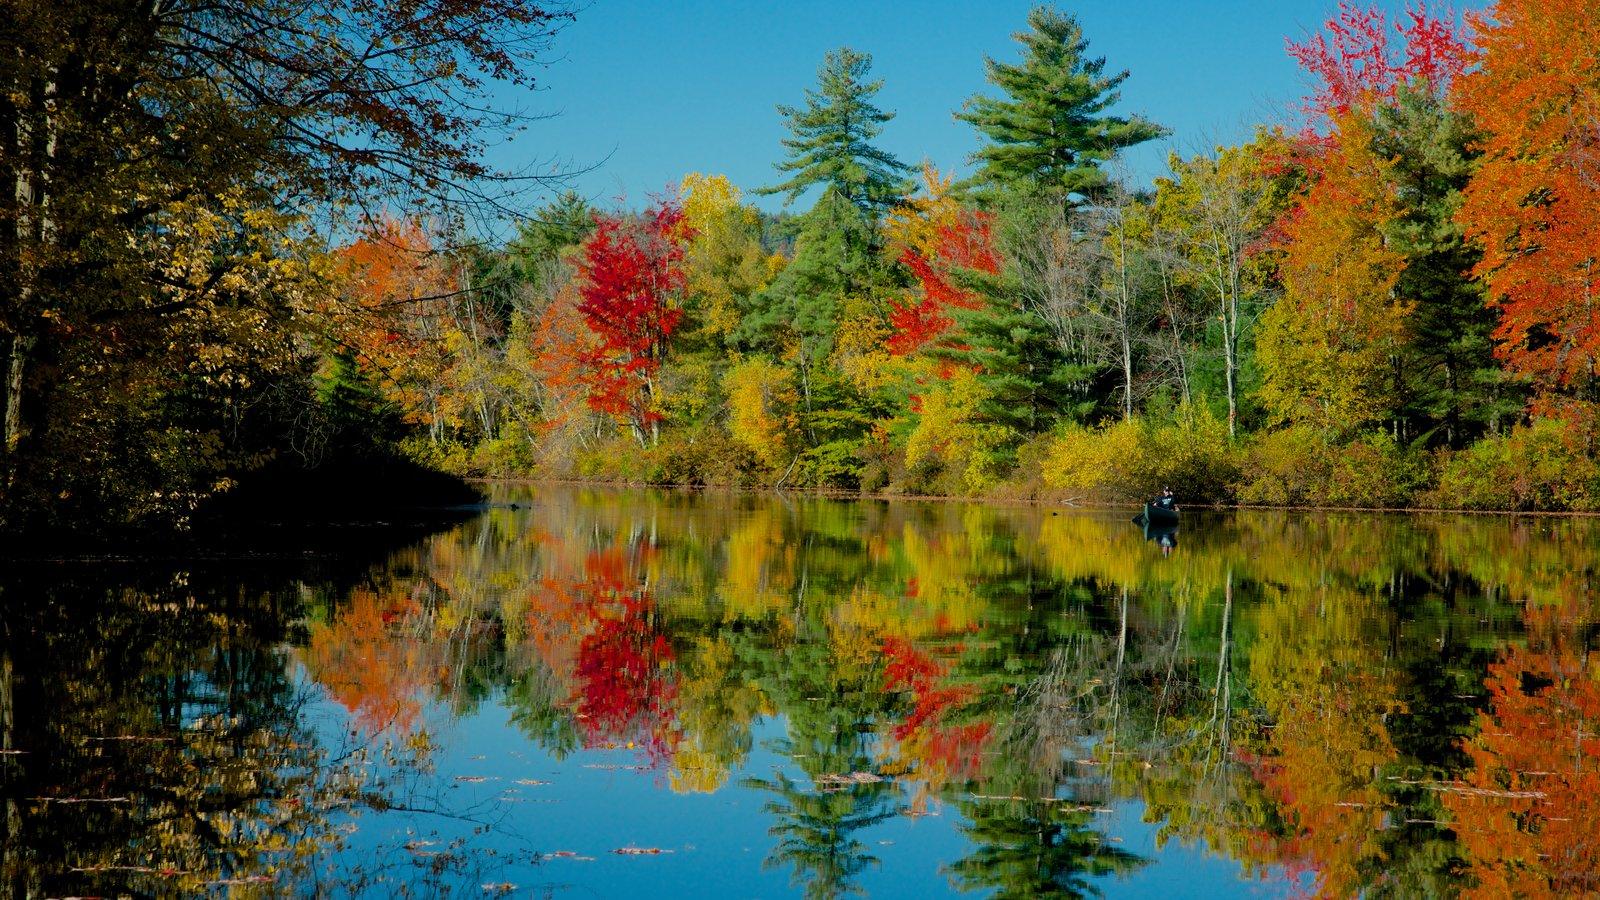 Conway que inclui um parque, cores do outono e um rio ou córrego